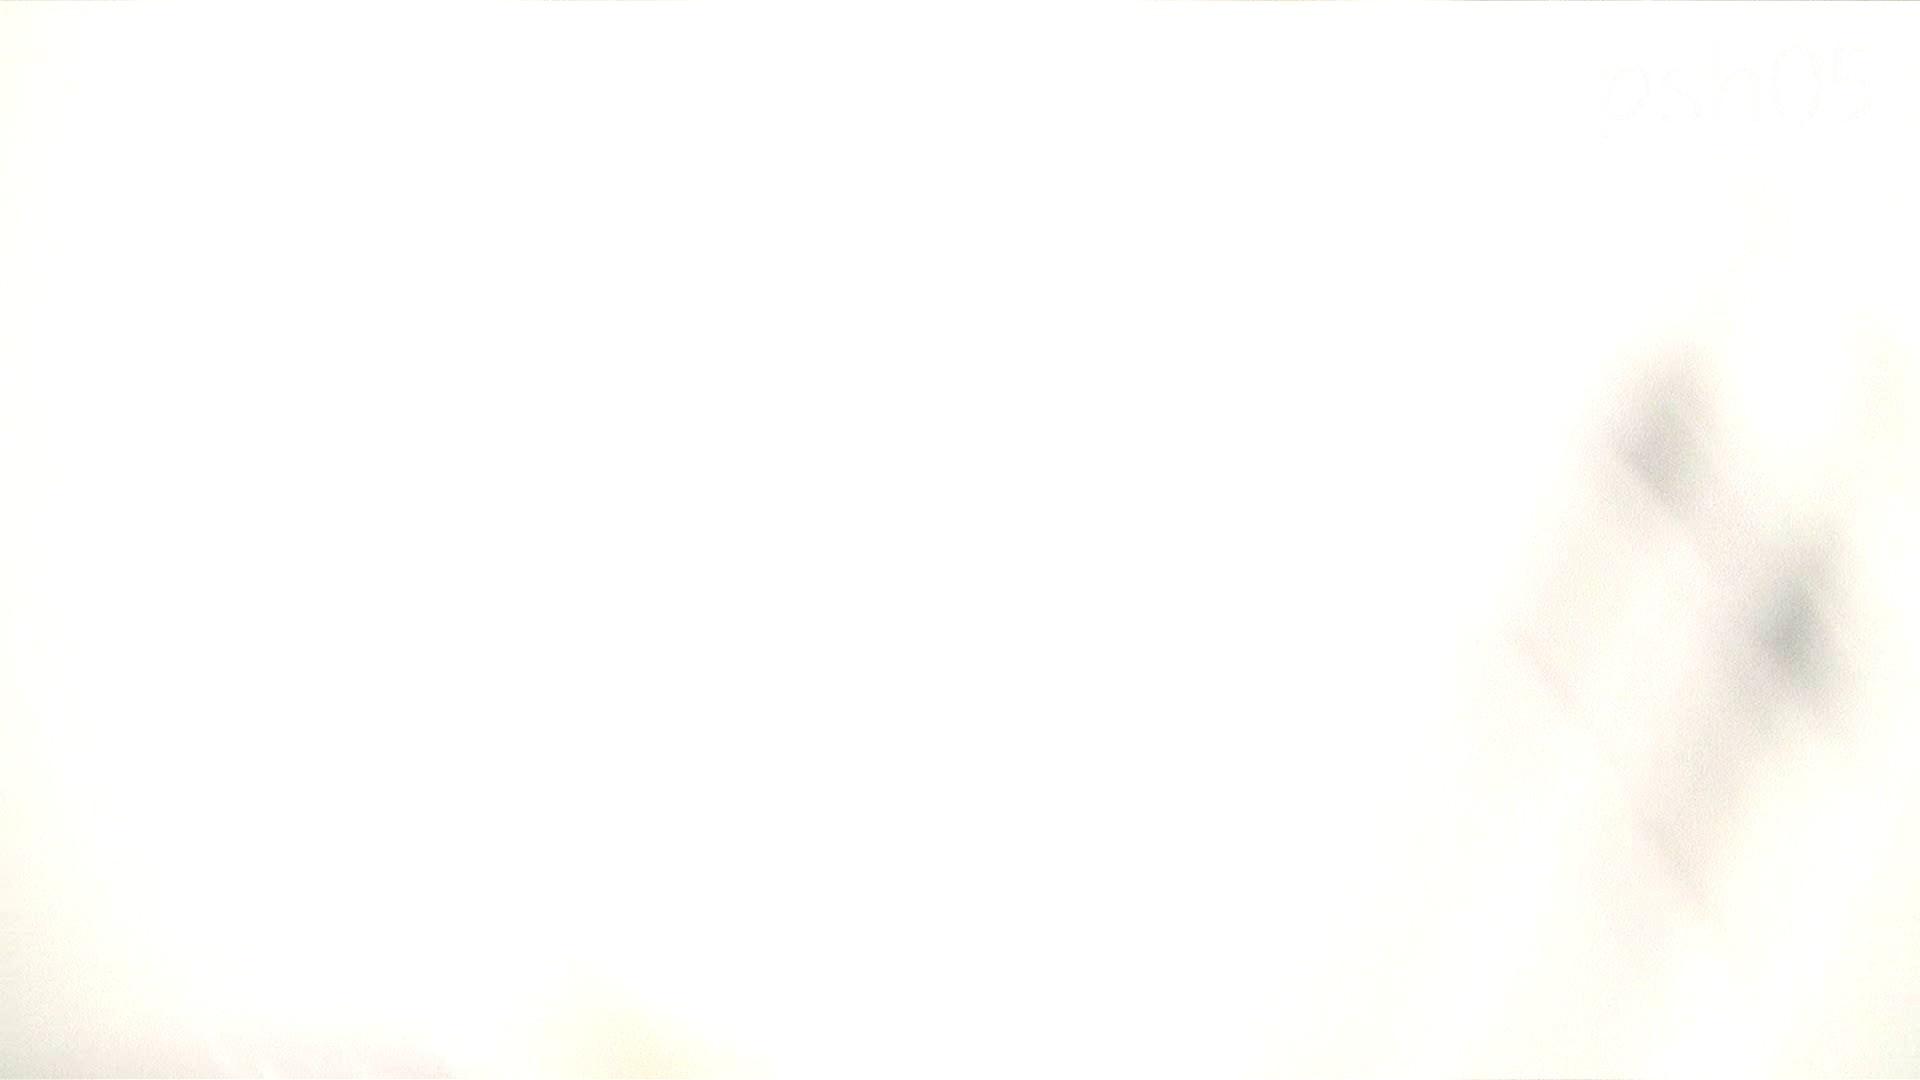 ▲復活限定▲ハイビジョン 盗神伝 Vol.5 期間限定シリーズ   洗面所  65画像 29